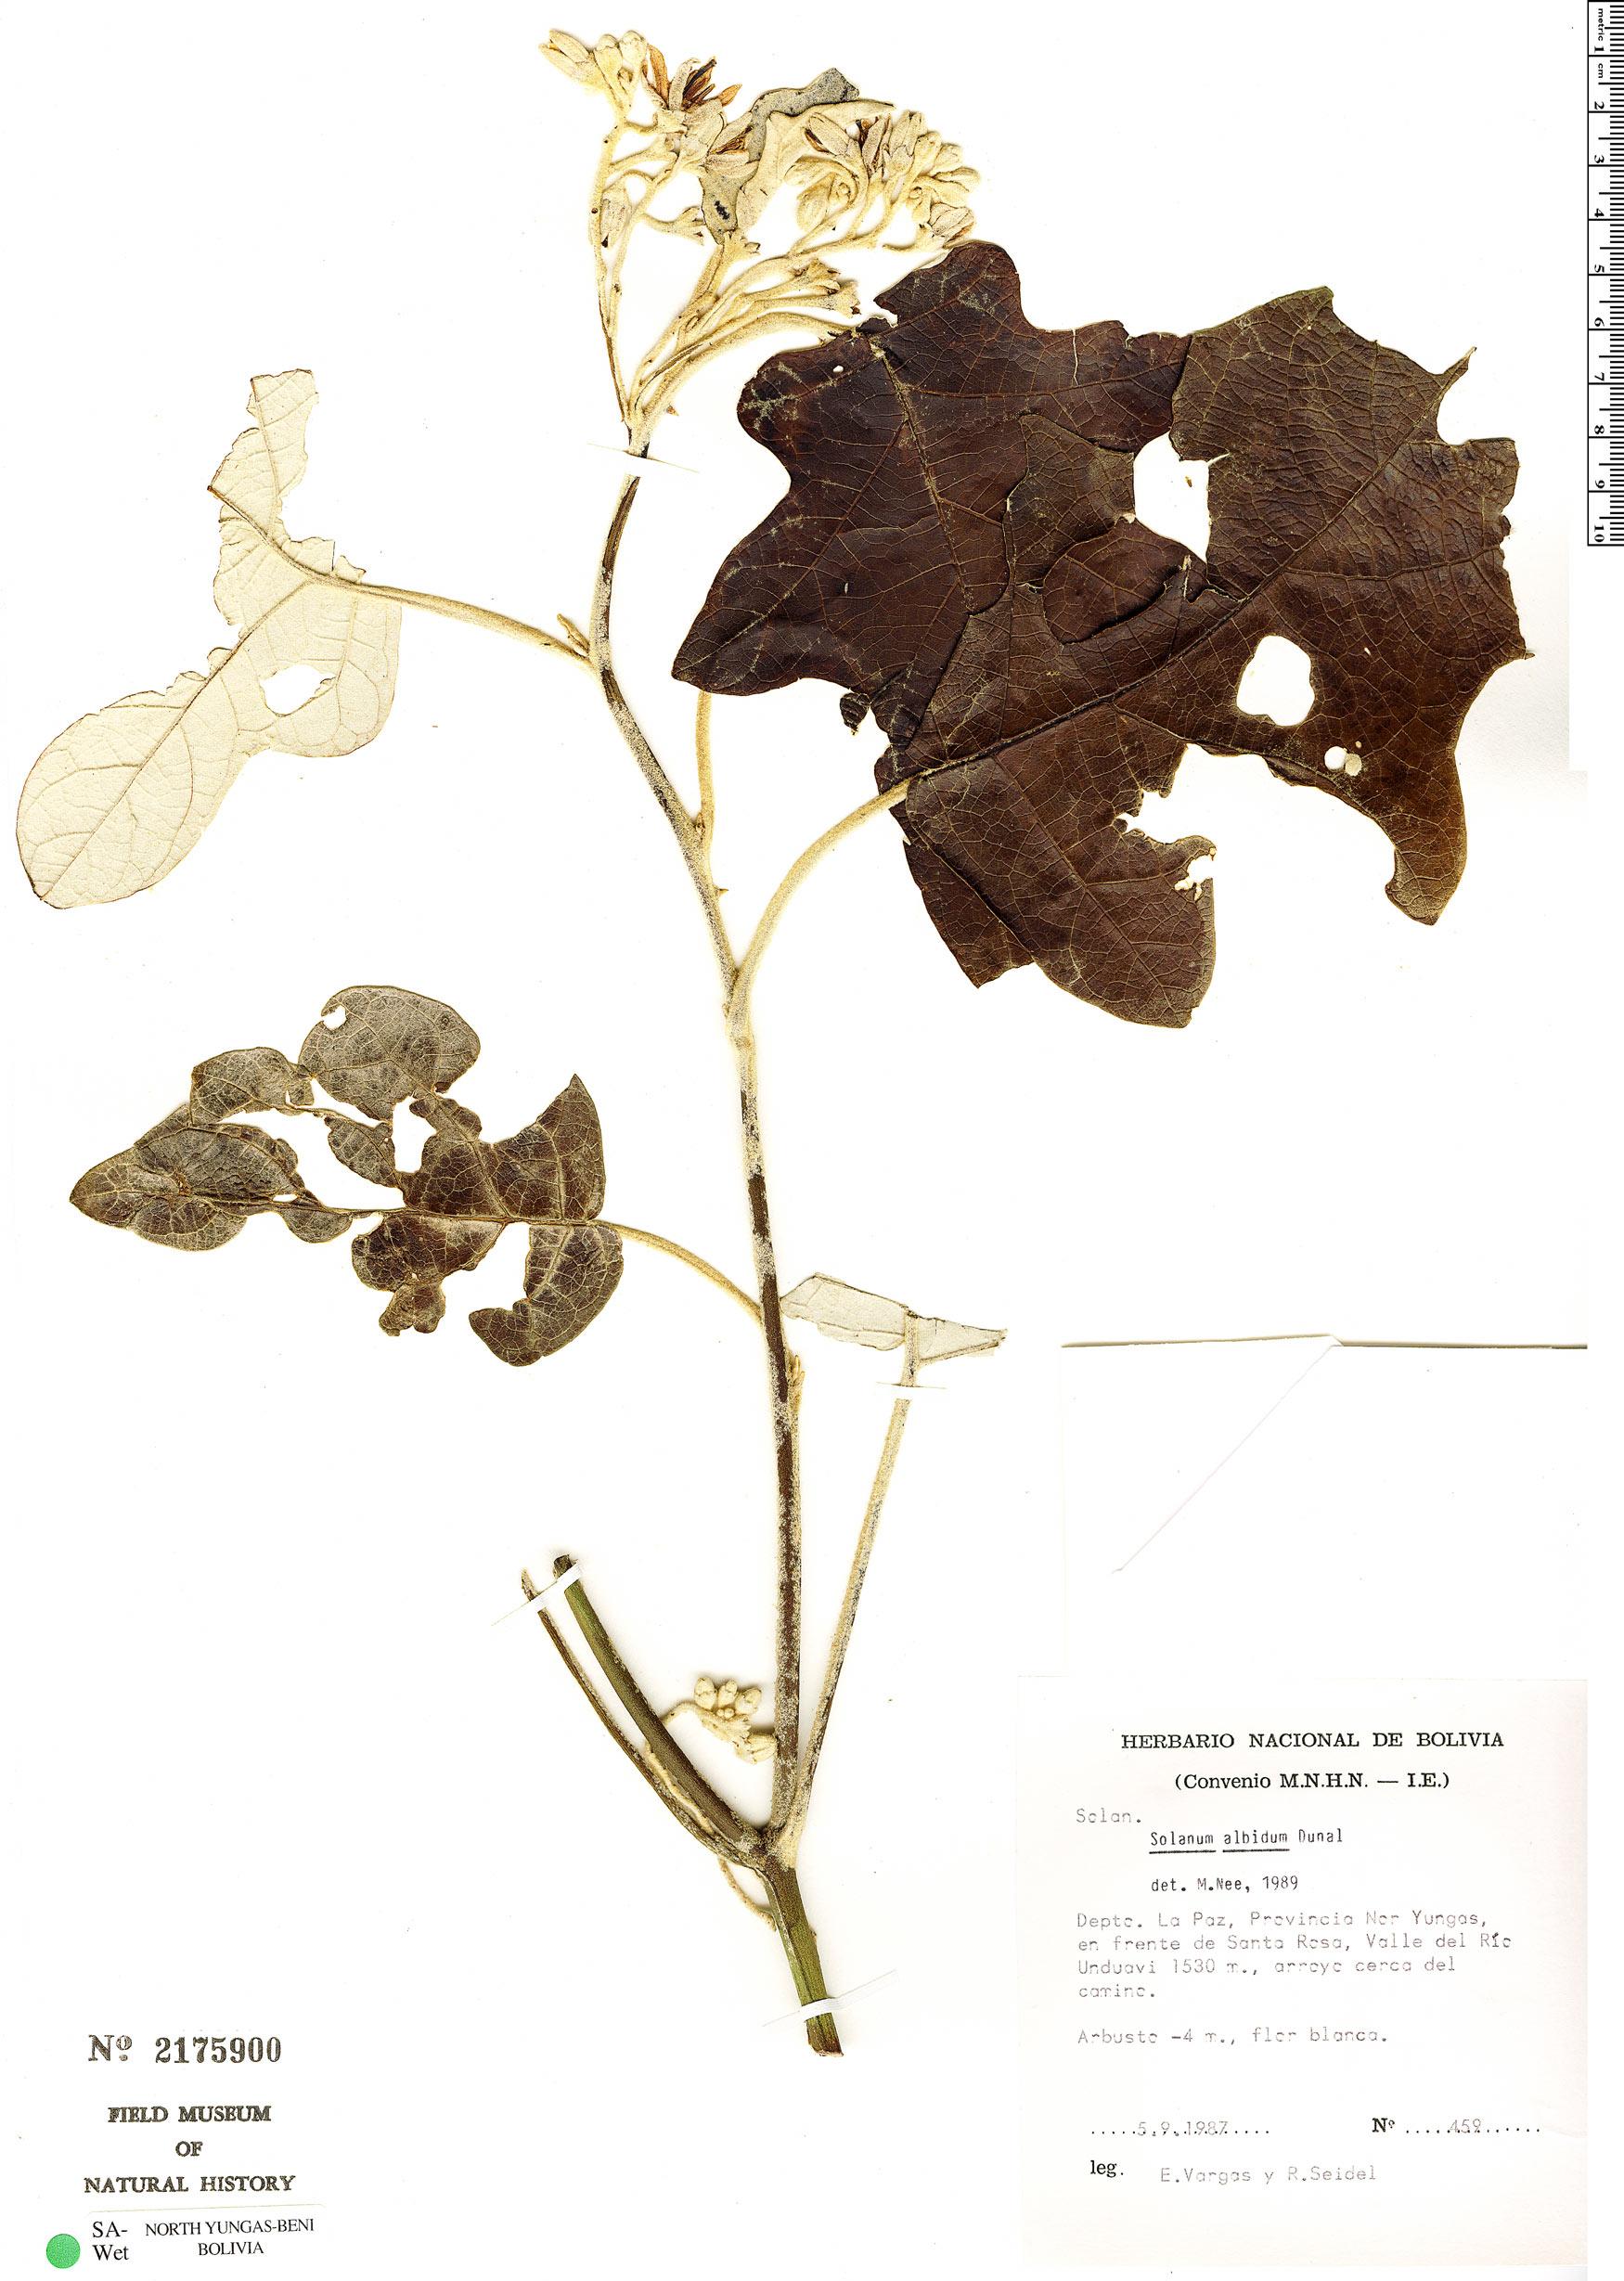 Specimen: Solanum albidum